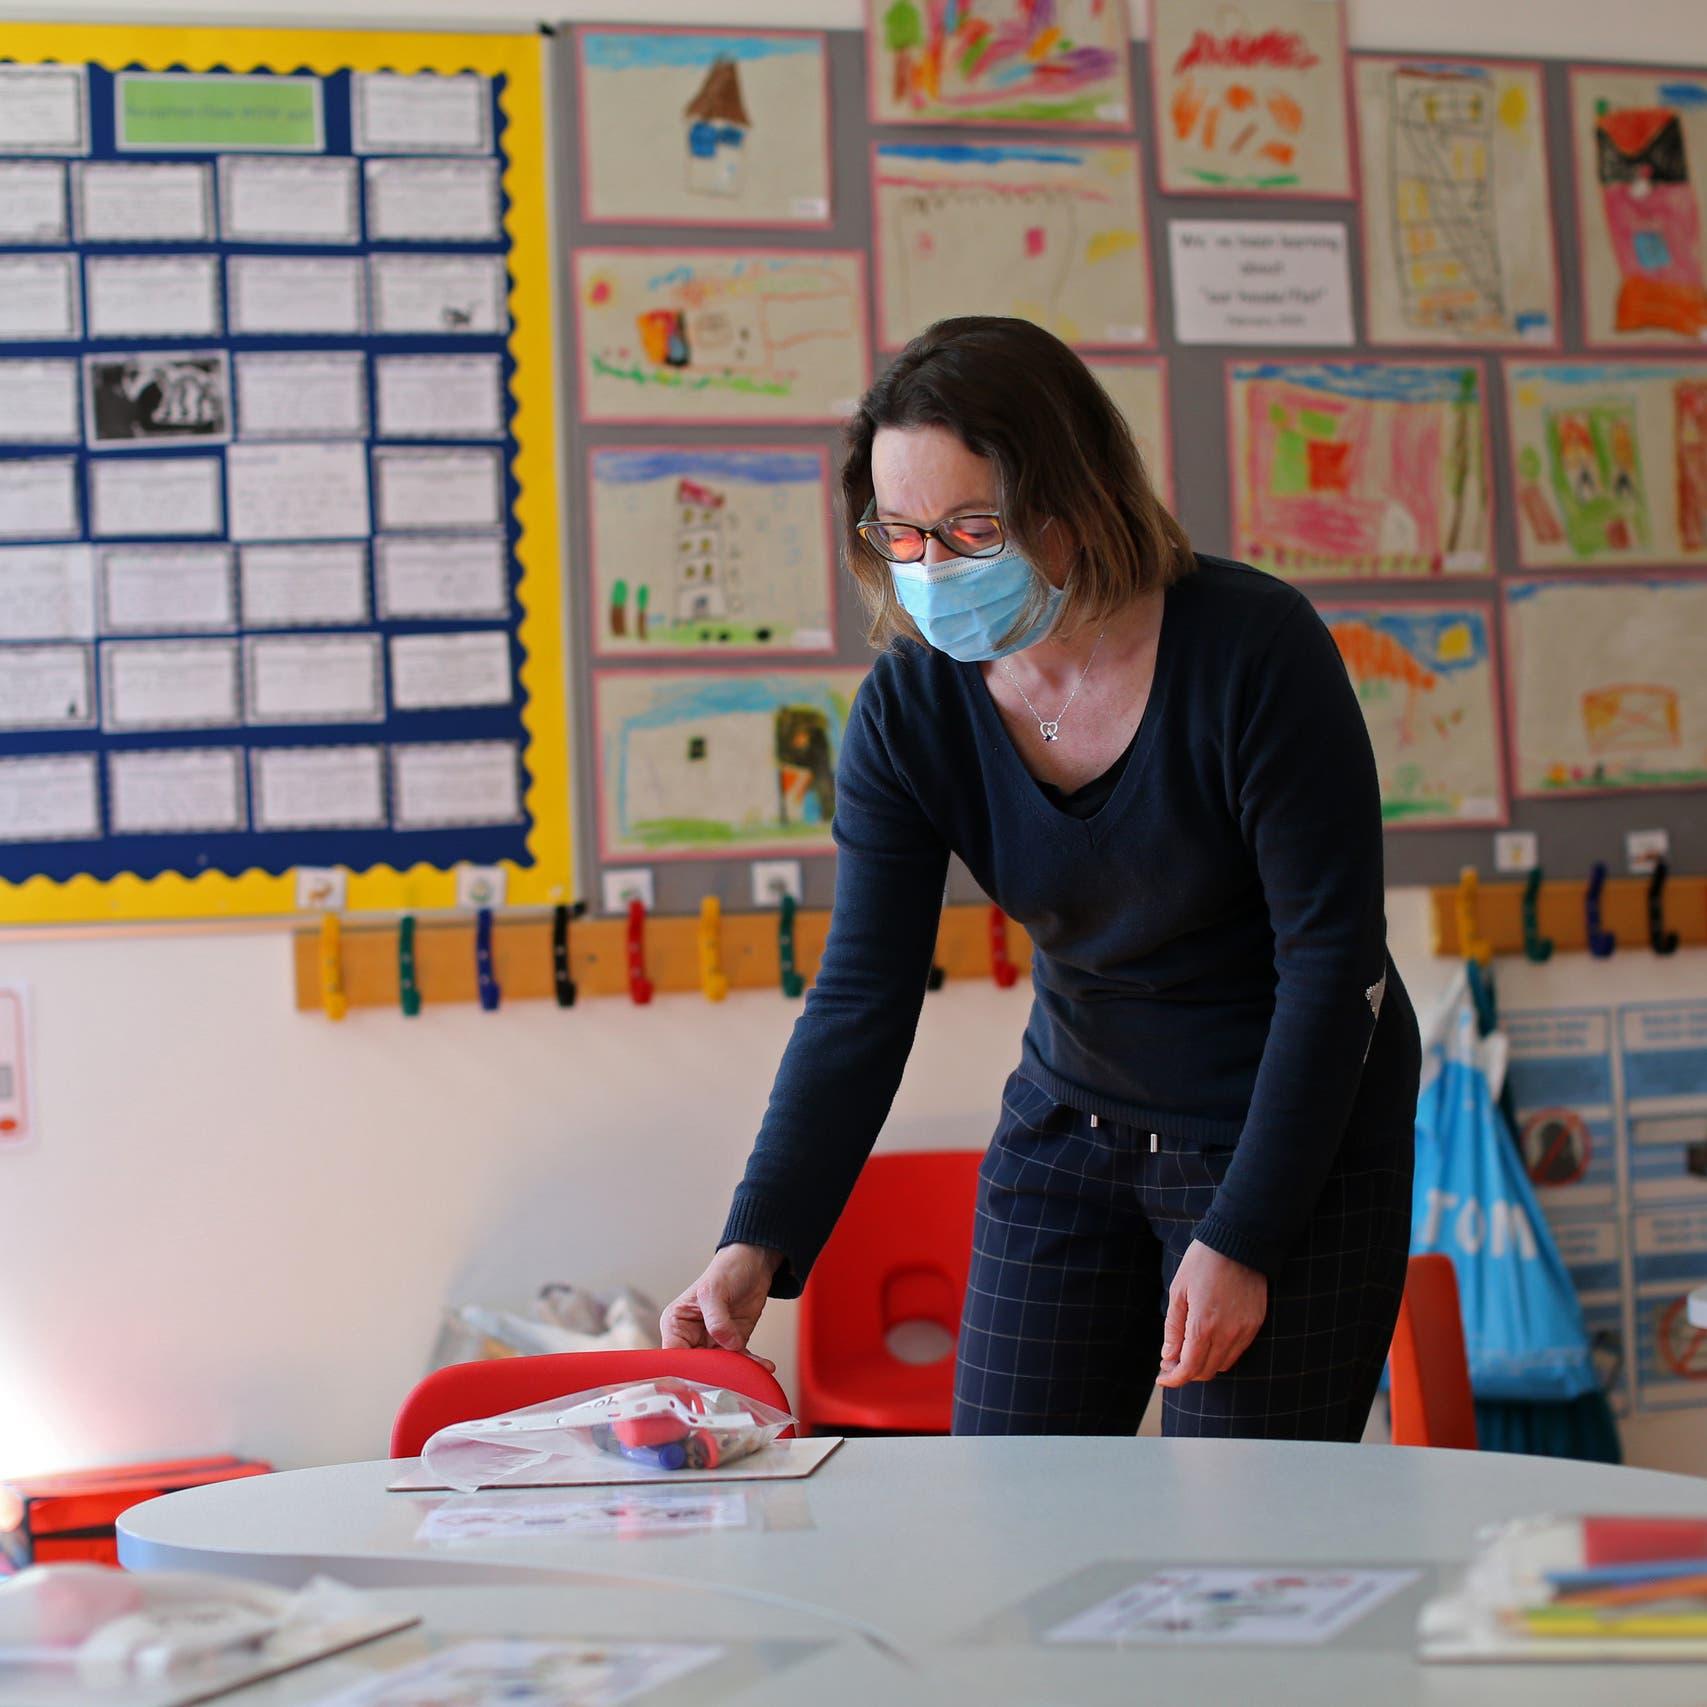 رغم رفض المعلمين..بريطانيا تعيد فتح المدارس